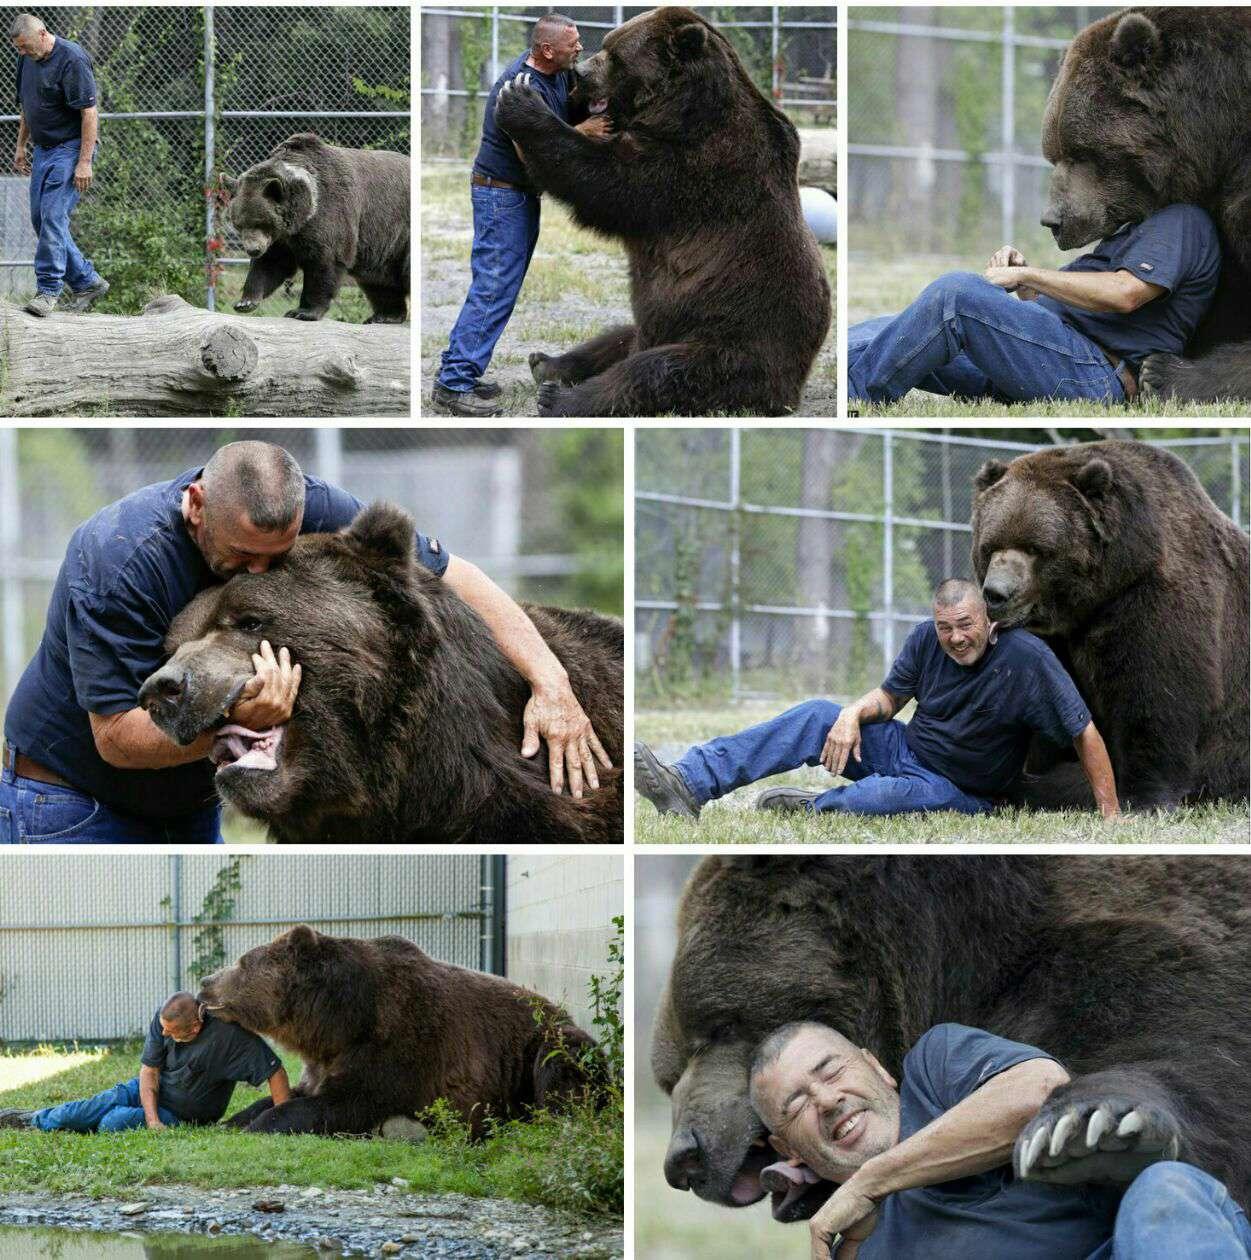 """دوستی صمیمانه مرد و خرس غولپیکر  رابطه صمیمانه """"جیم"""" و یک خرس غول پیکر ۸۰۰ کیلوگرمی به نام """"جیمبو"""" تصاویر باورنکردنی خلق کرده است"""